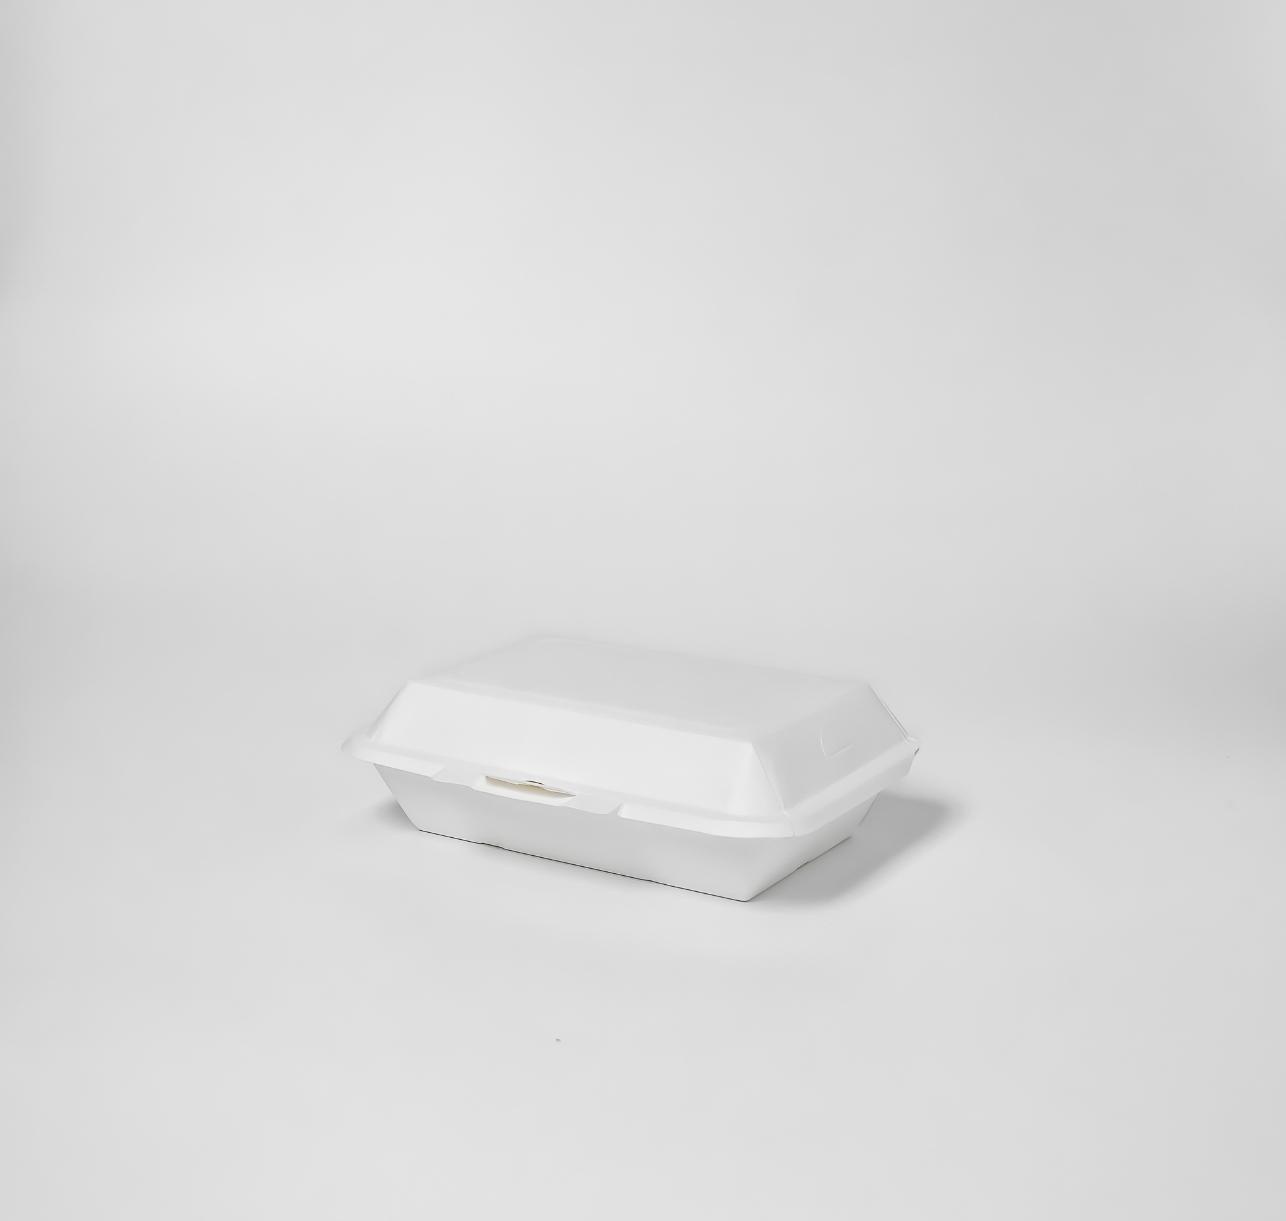 กล่องอาหารกระดาษ 725ml